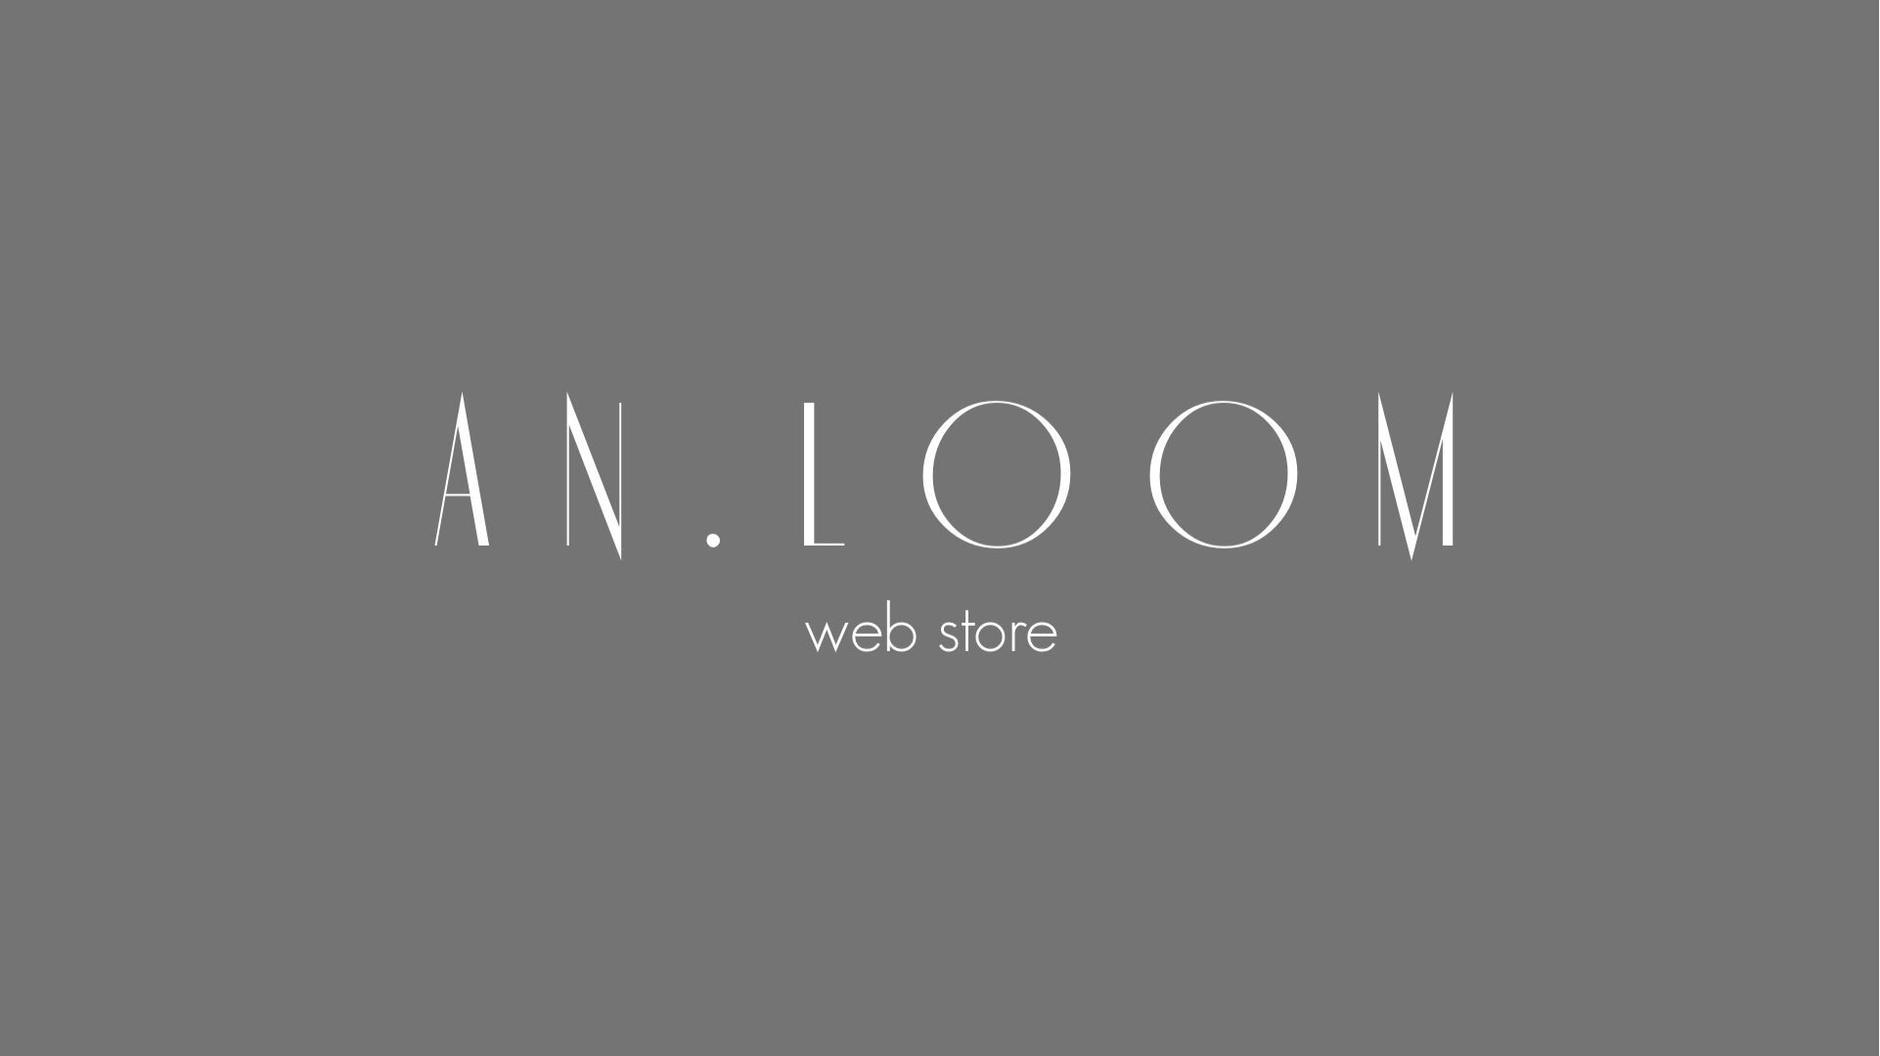 an.loom